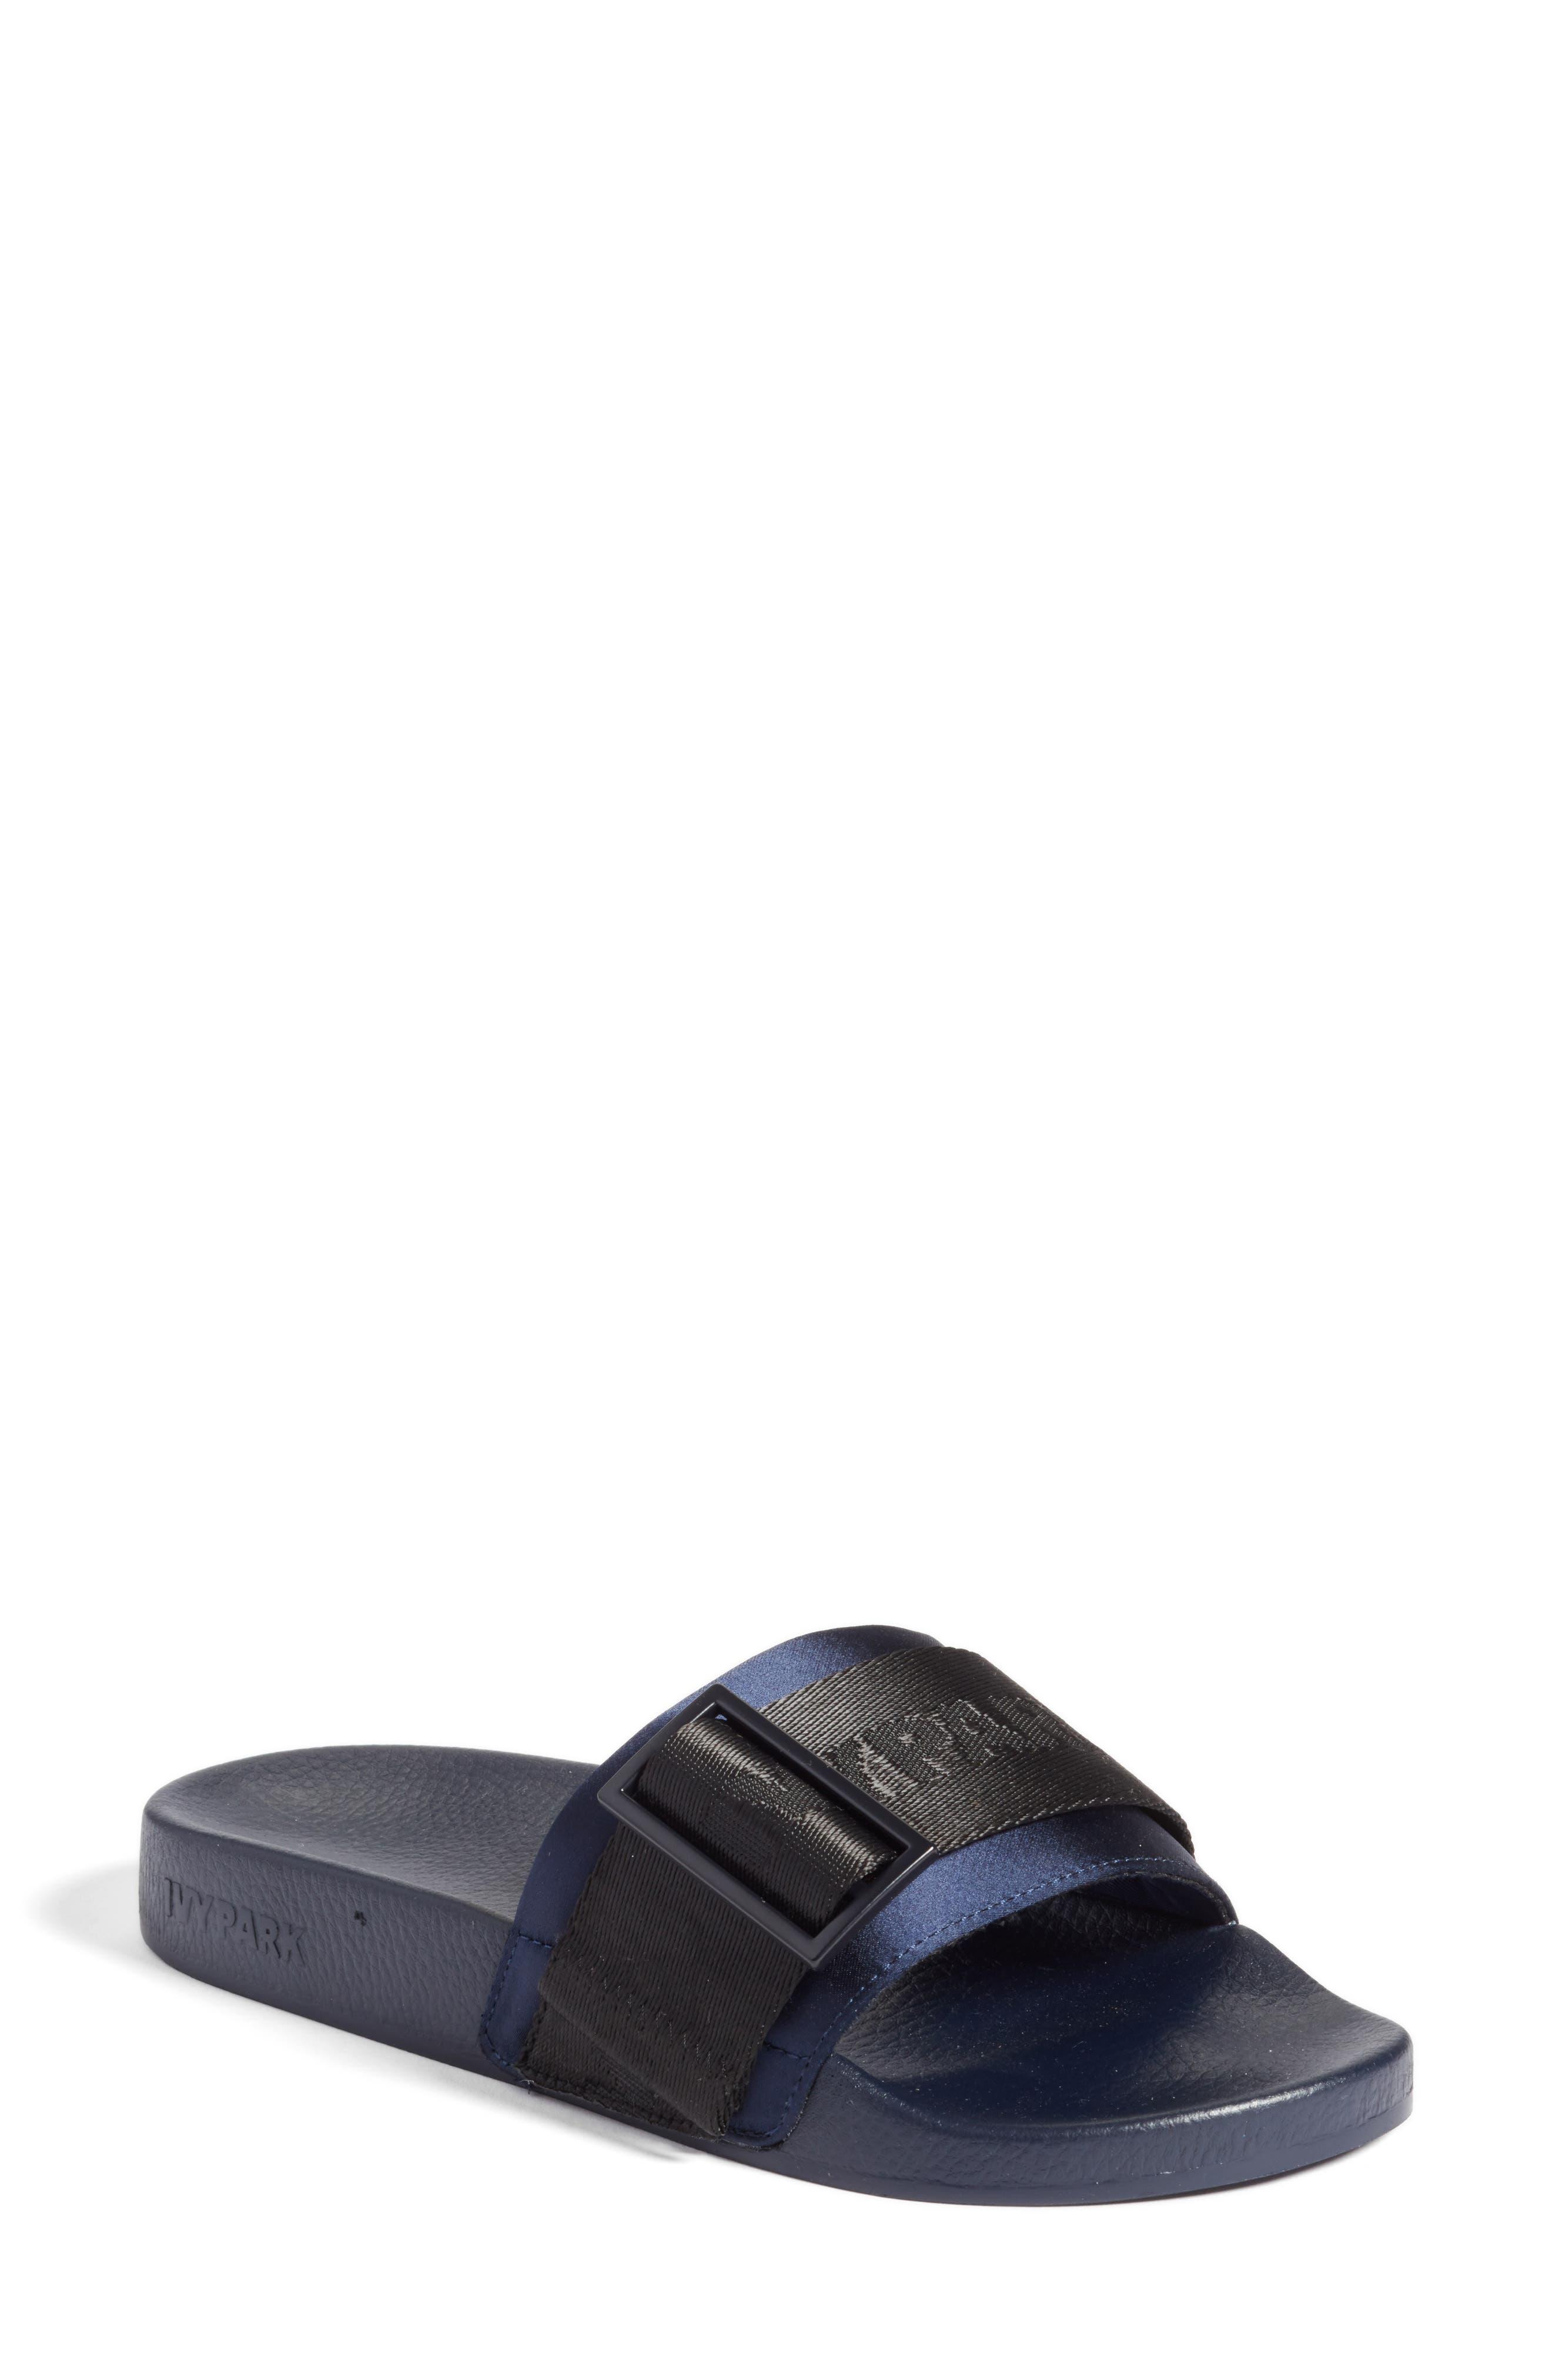 IVY PARK® Hi-Shine Strap Slide Sandal (Women)